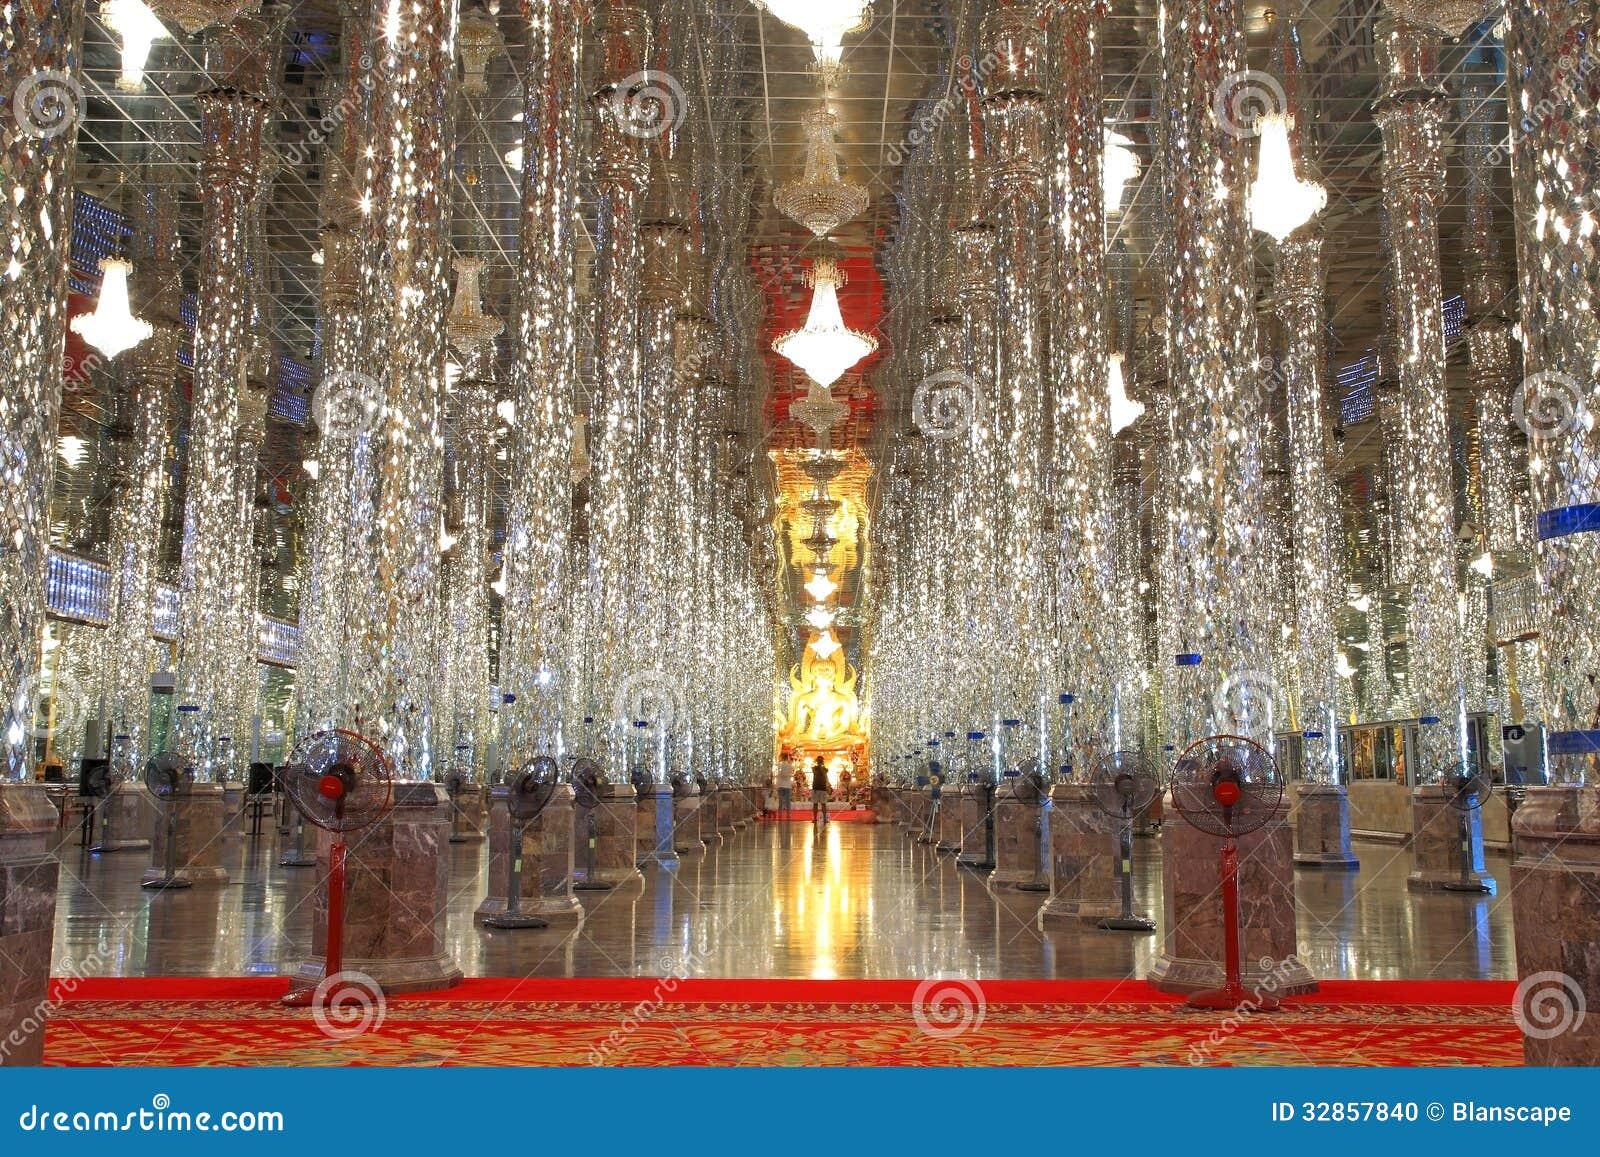 Uthai Thani Thailand  city photo : UTHAI THANI, THAILAND MAY 14: glass pillars and golden Buddha statue ...